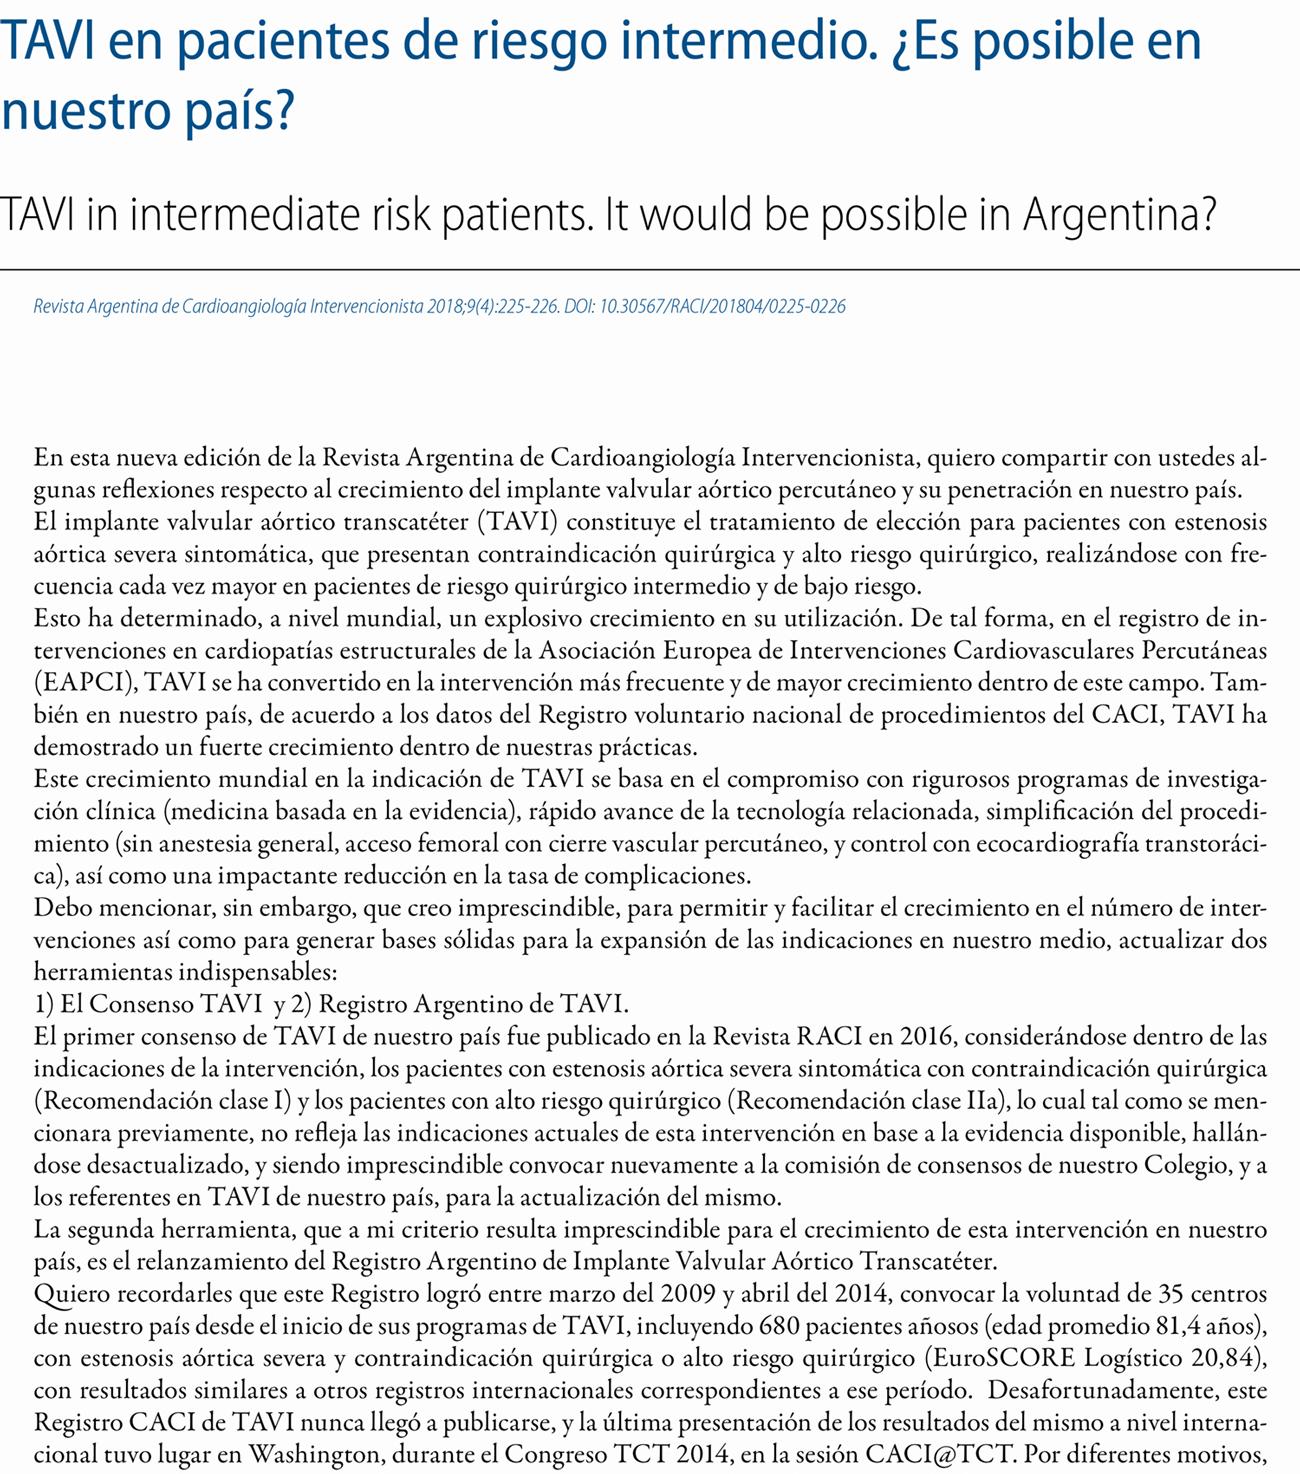 TAVI en pacientes de riesgo intermedio. ¿Es posible en nuestro país?